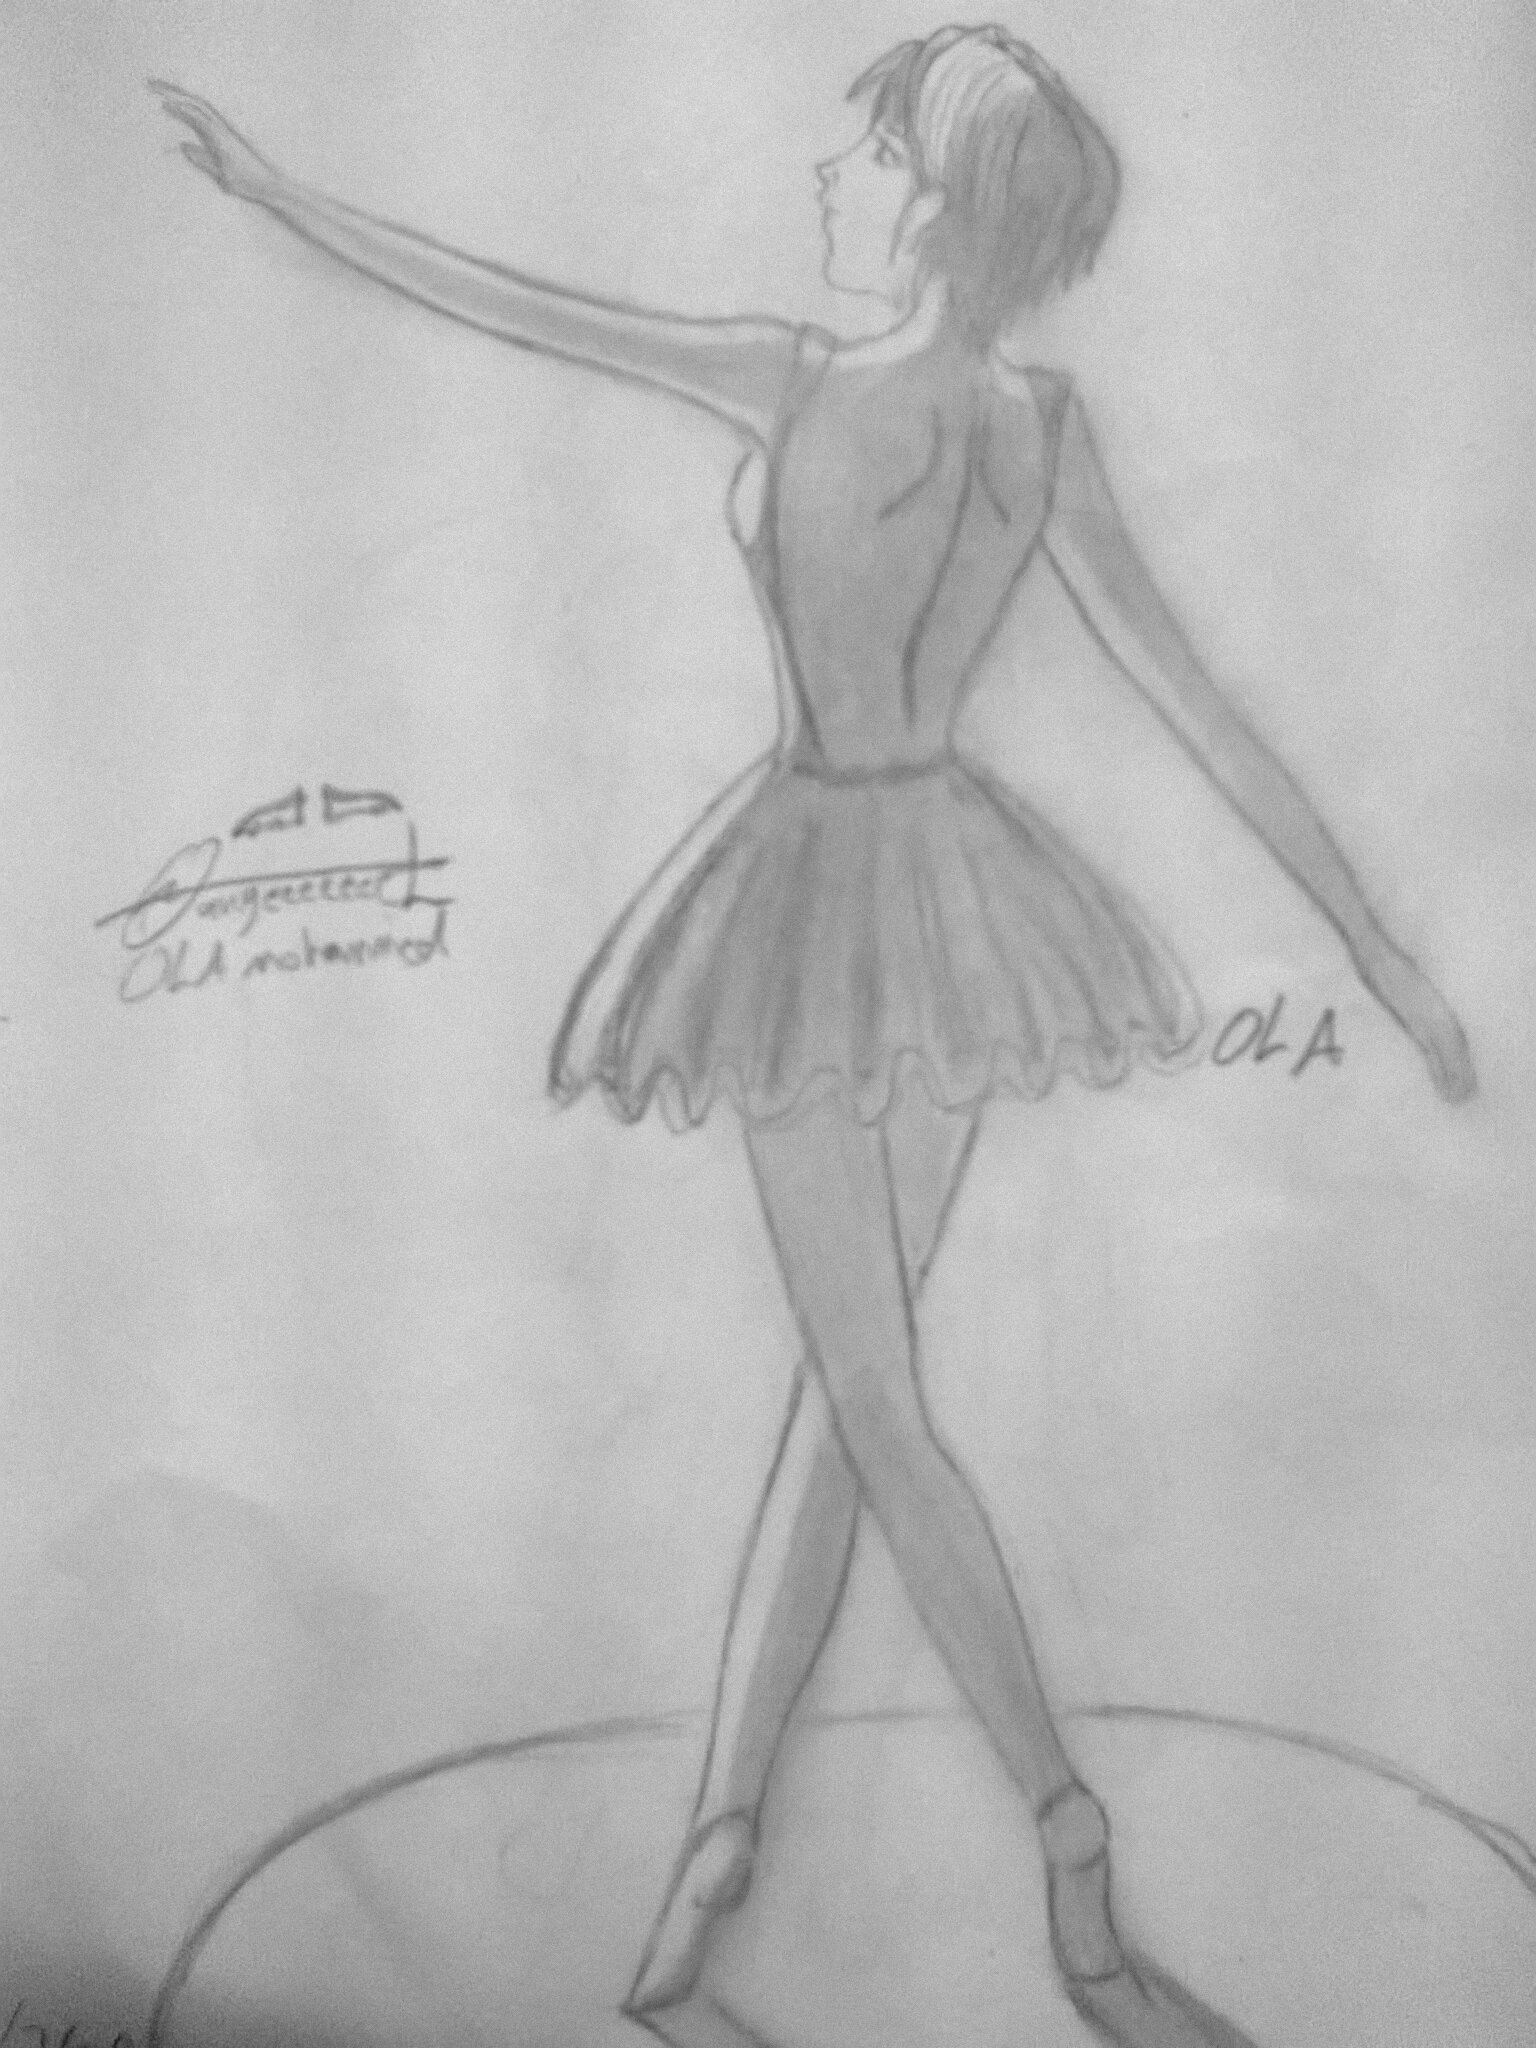 do u like my drawings ??? write me acomment plz